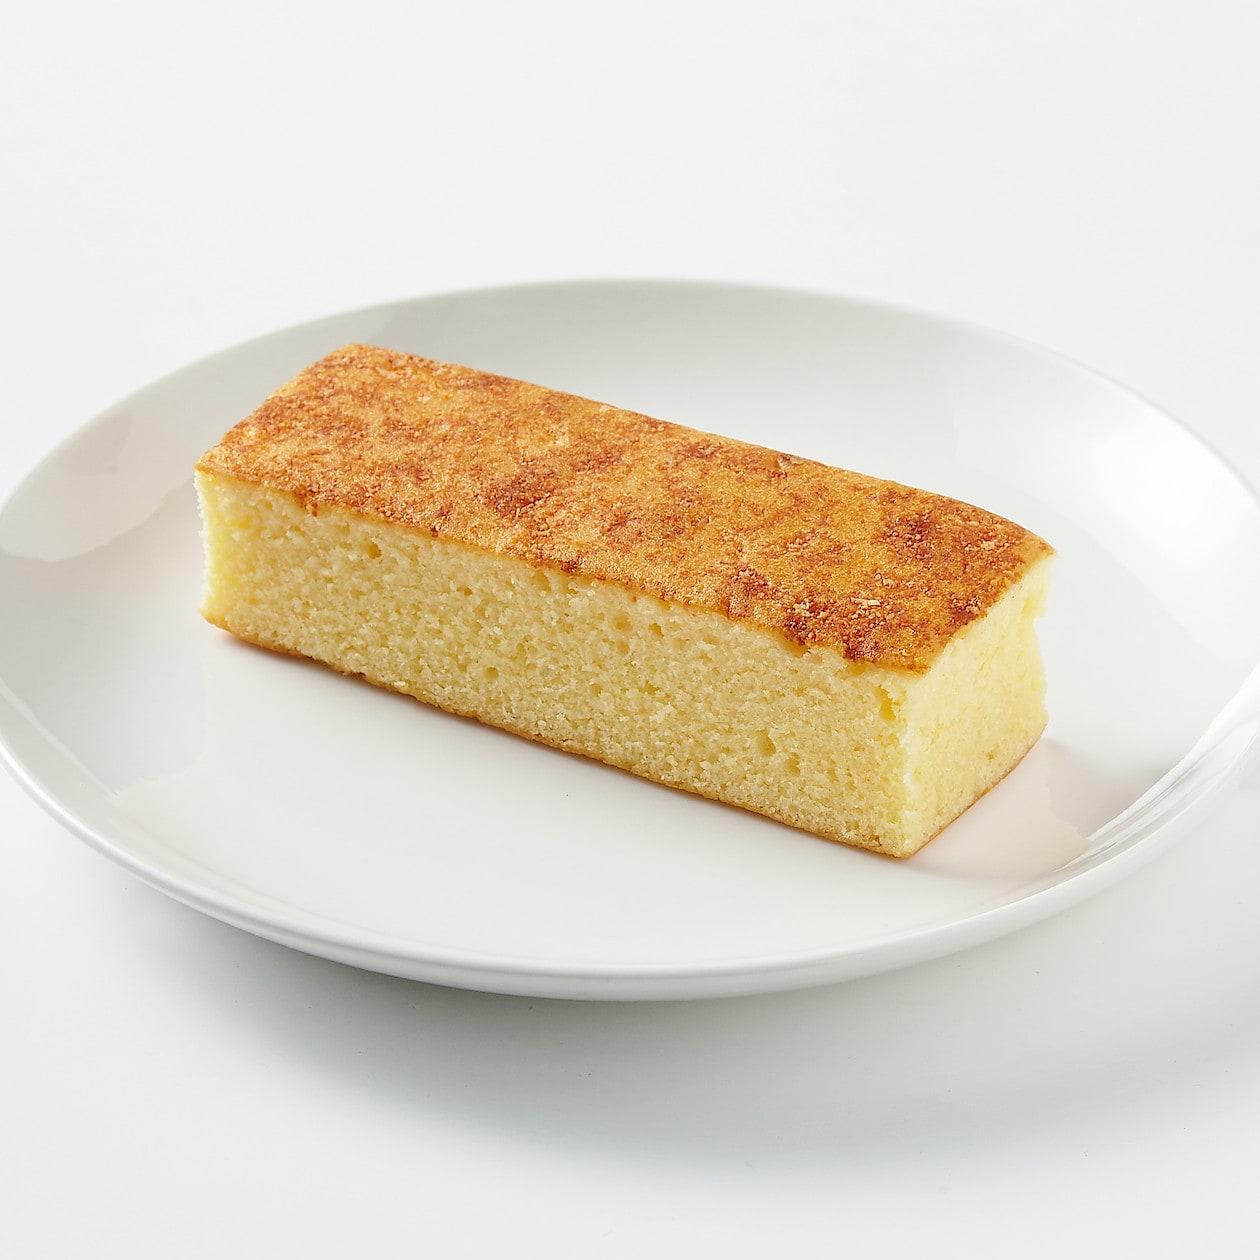 無印良品 不揃い チーズケーキ